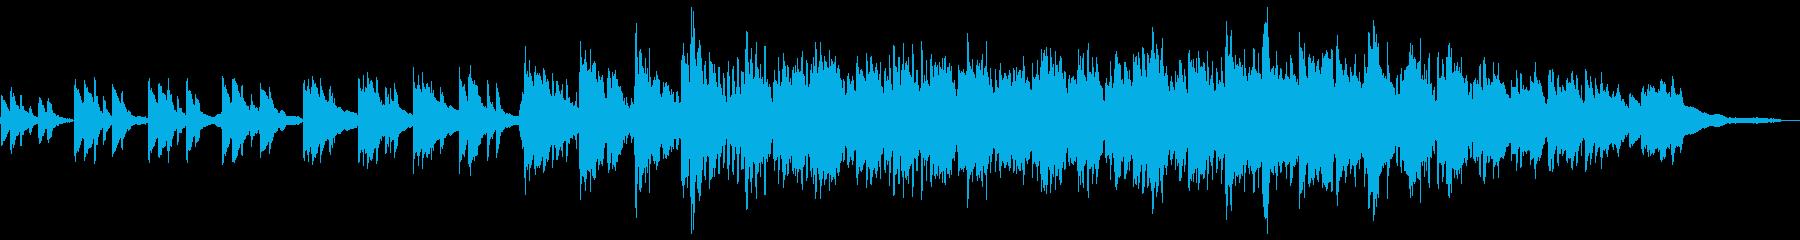 雨をイメージしたピアノ・木管・弦のBGMの再生済みの波形